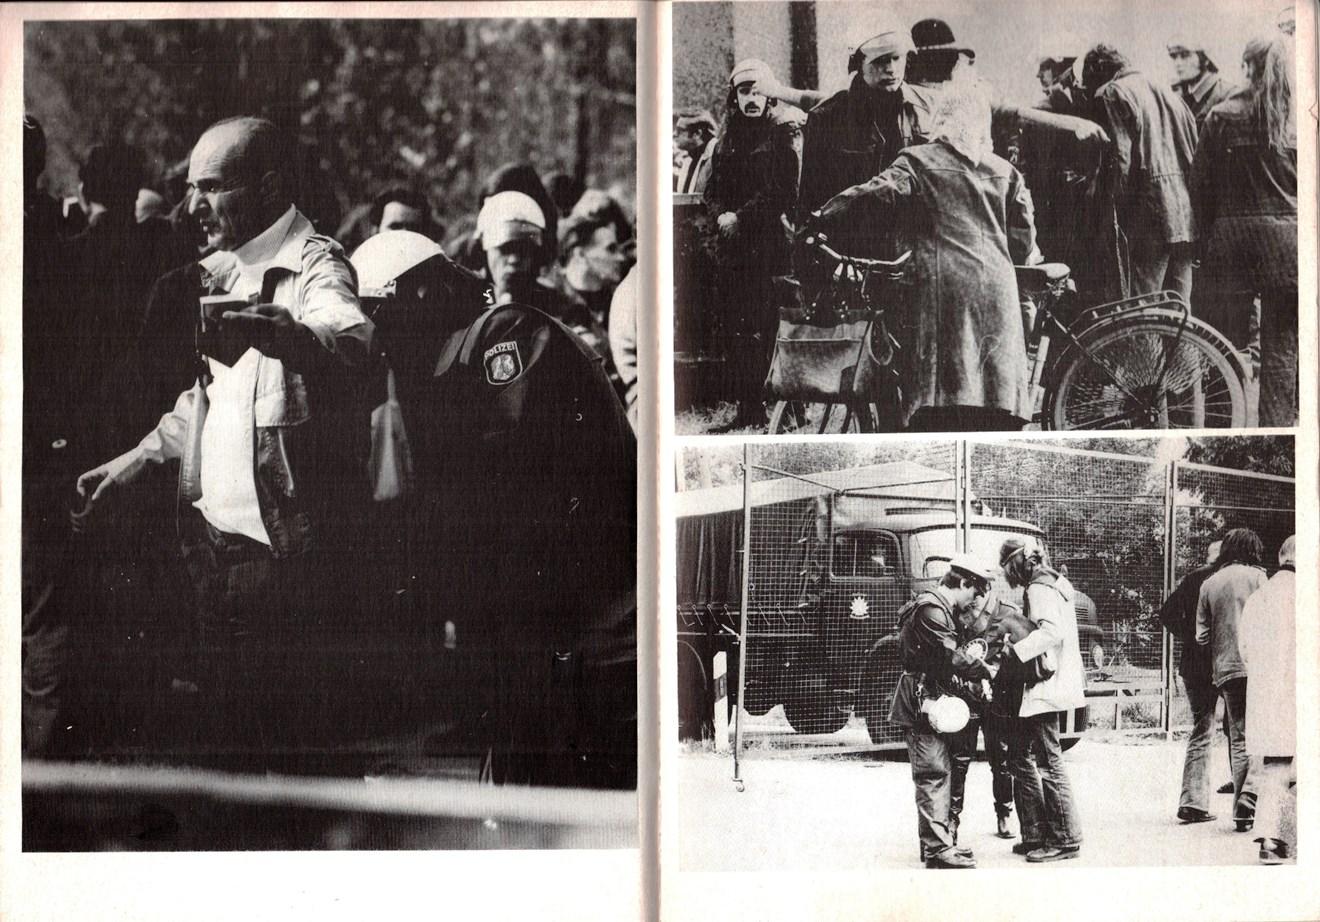 NRW_AKW_1977_Ermittlungsausschuss_zur_Kalkardemonstration_040